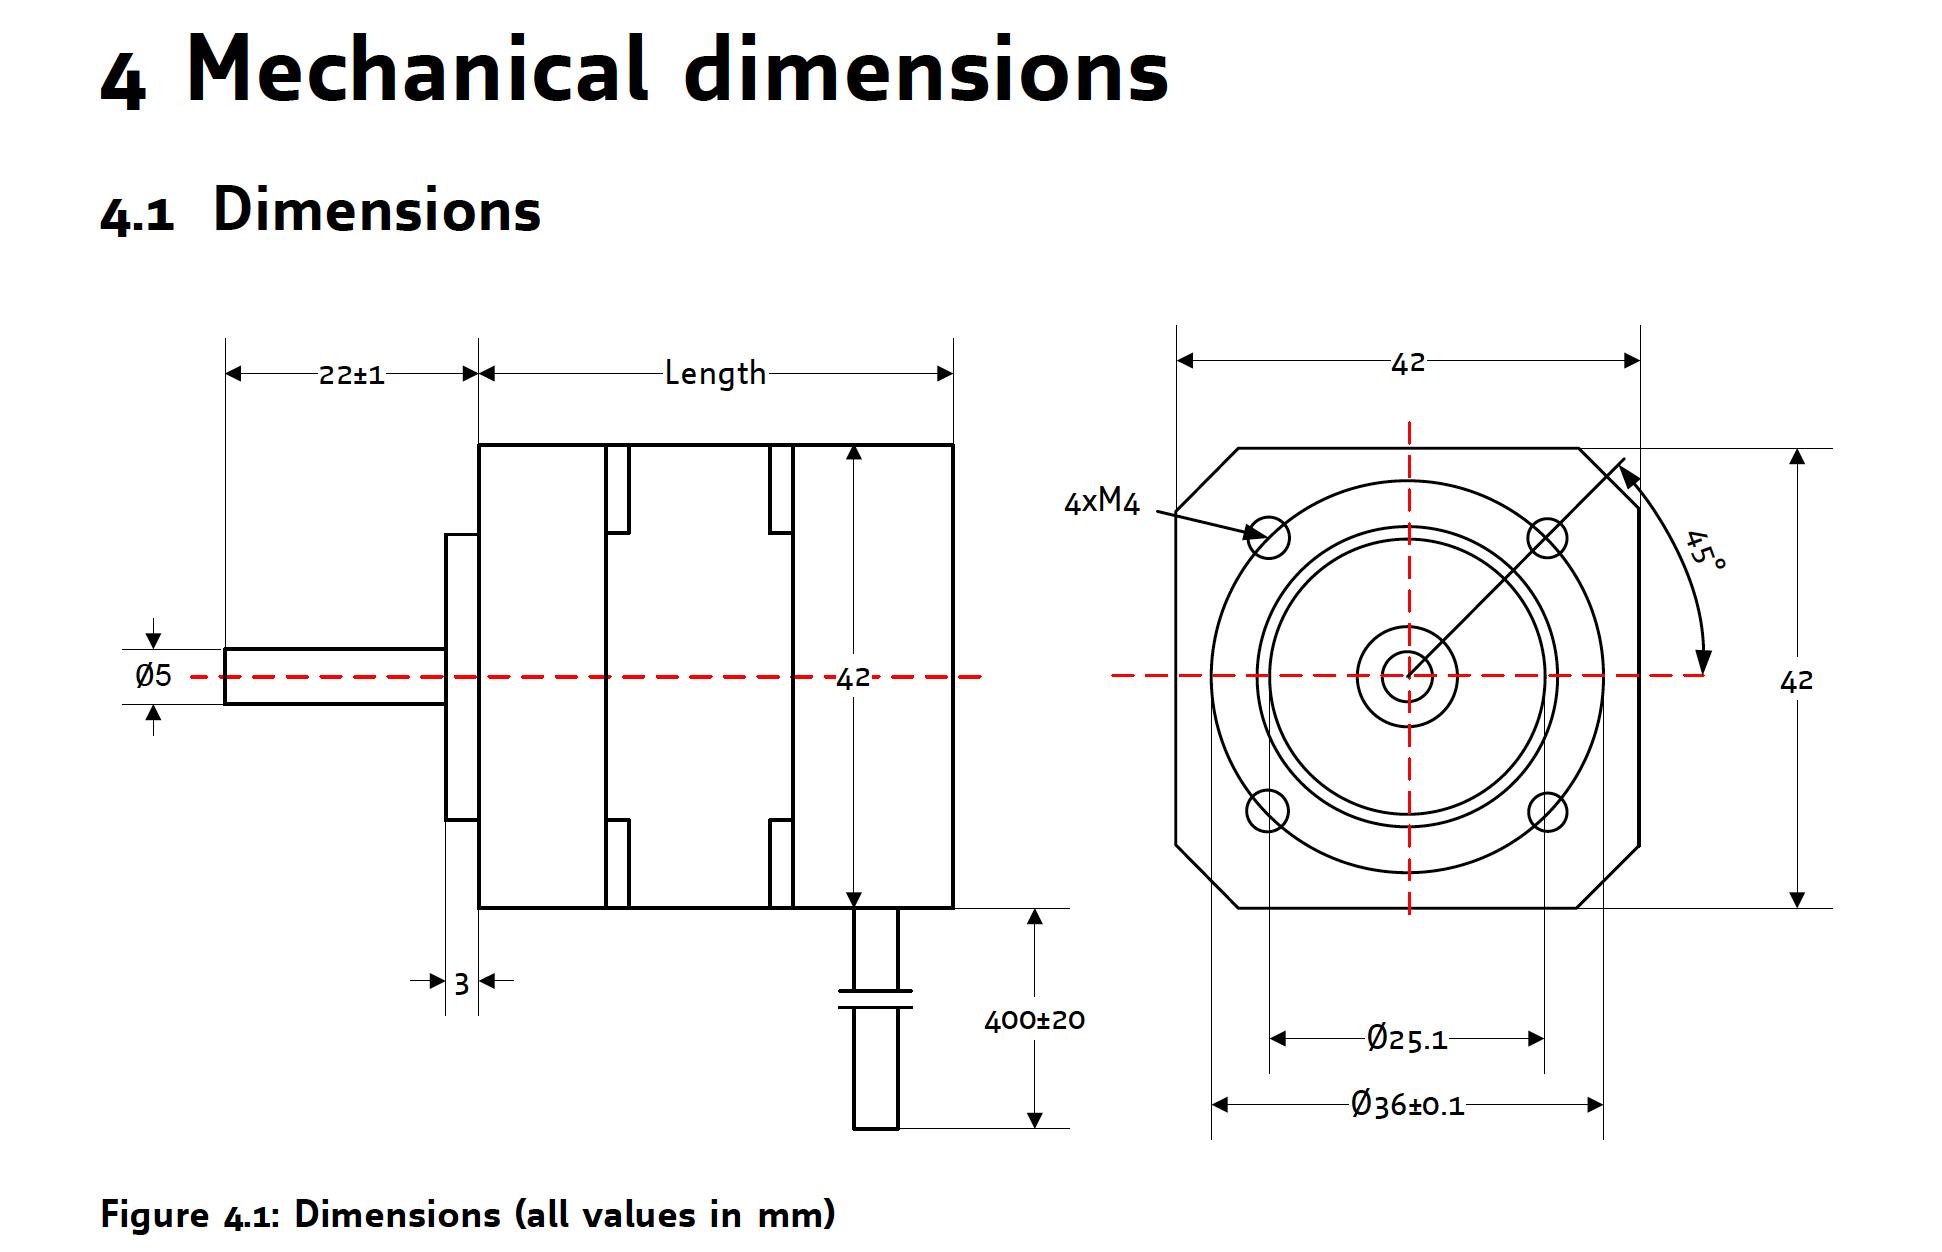 MotorDimensions.png